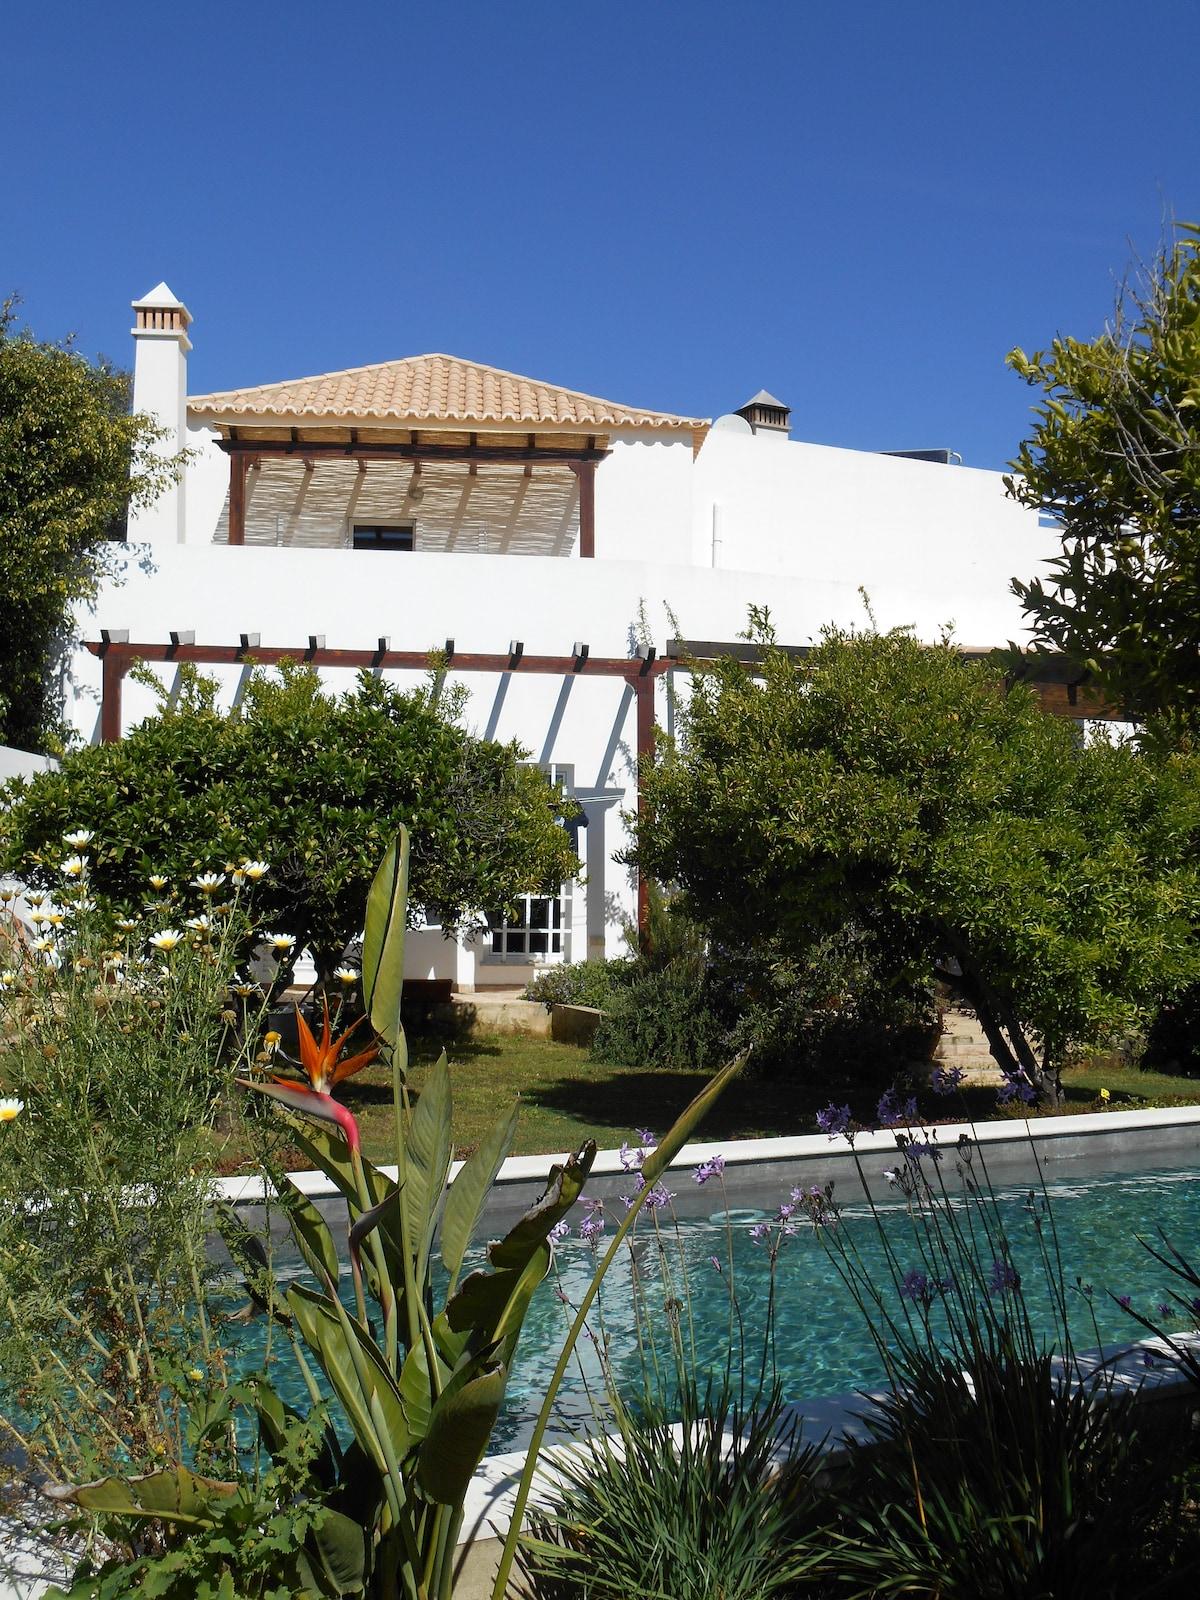 QuintaLuz, une vaste maison de campagne rhabillée de modernité dans un écrin de verdure au milieu duquel vous pourrez nager